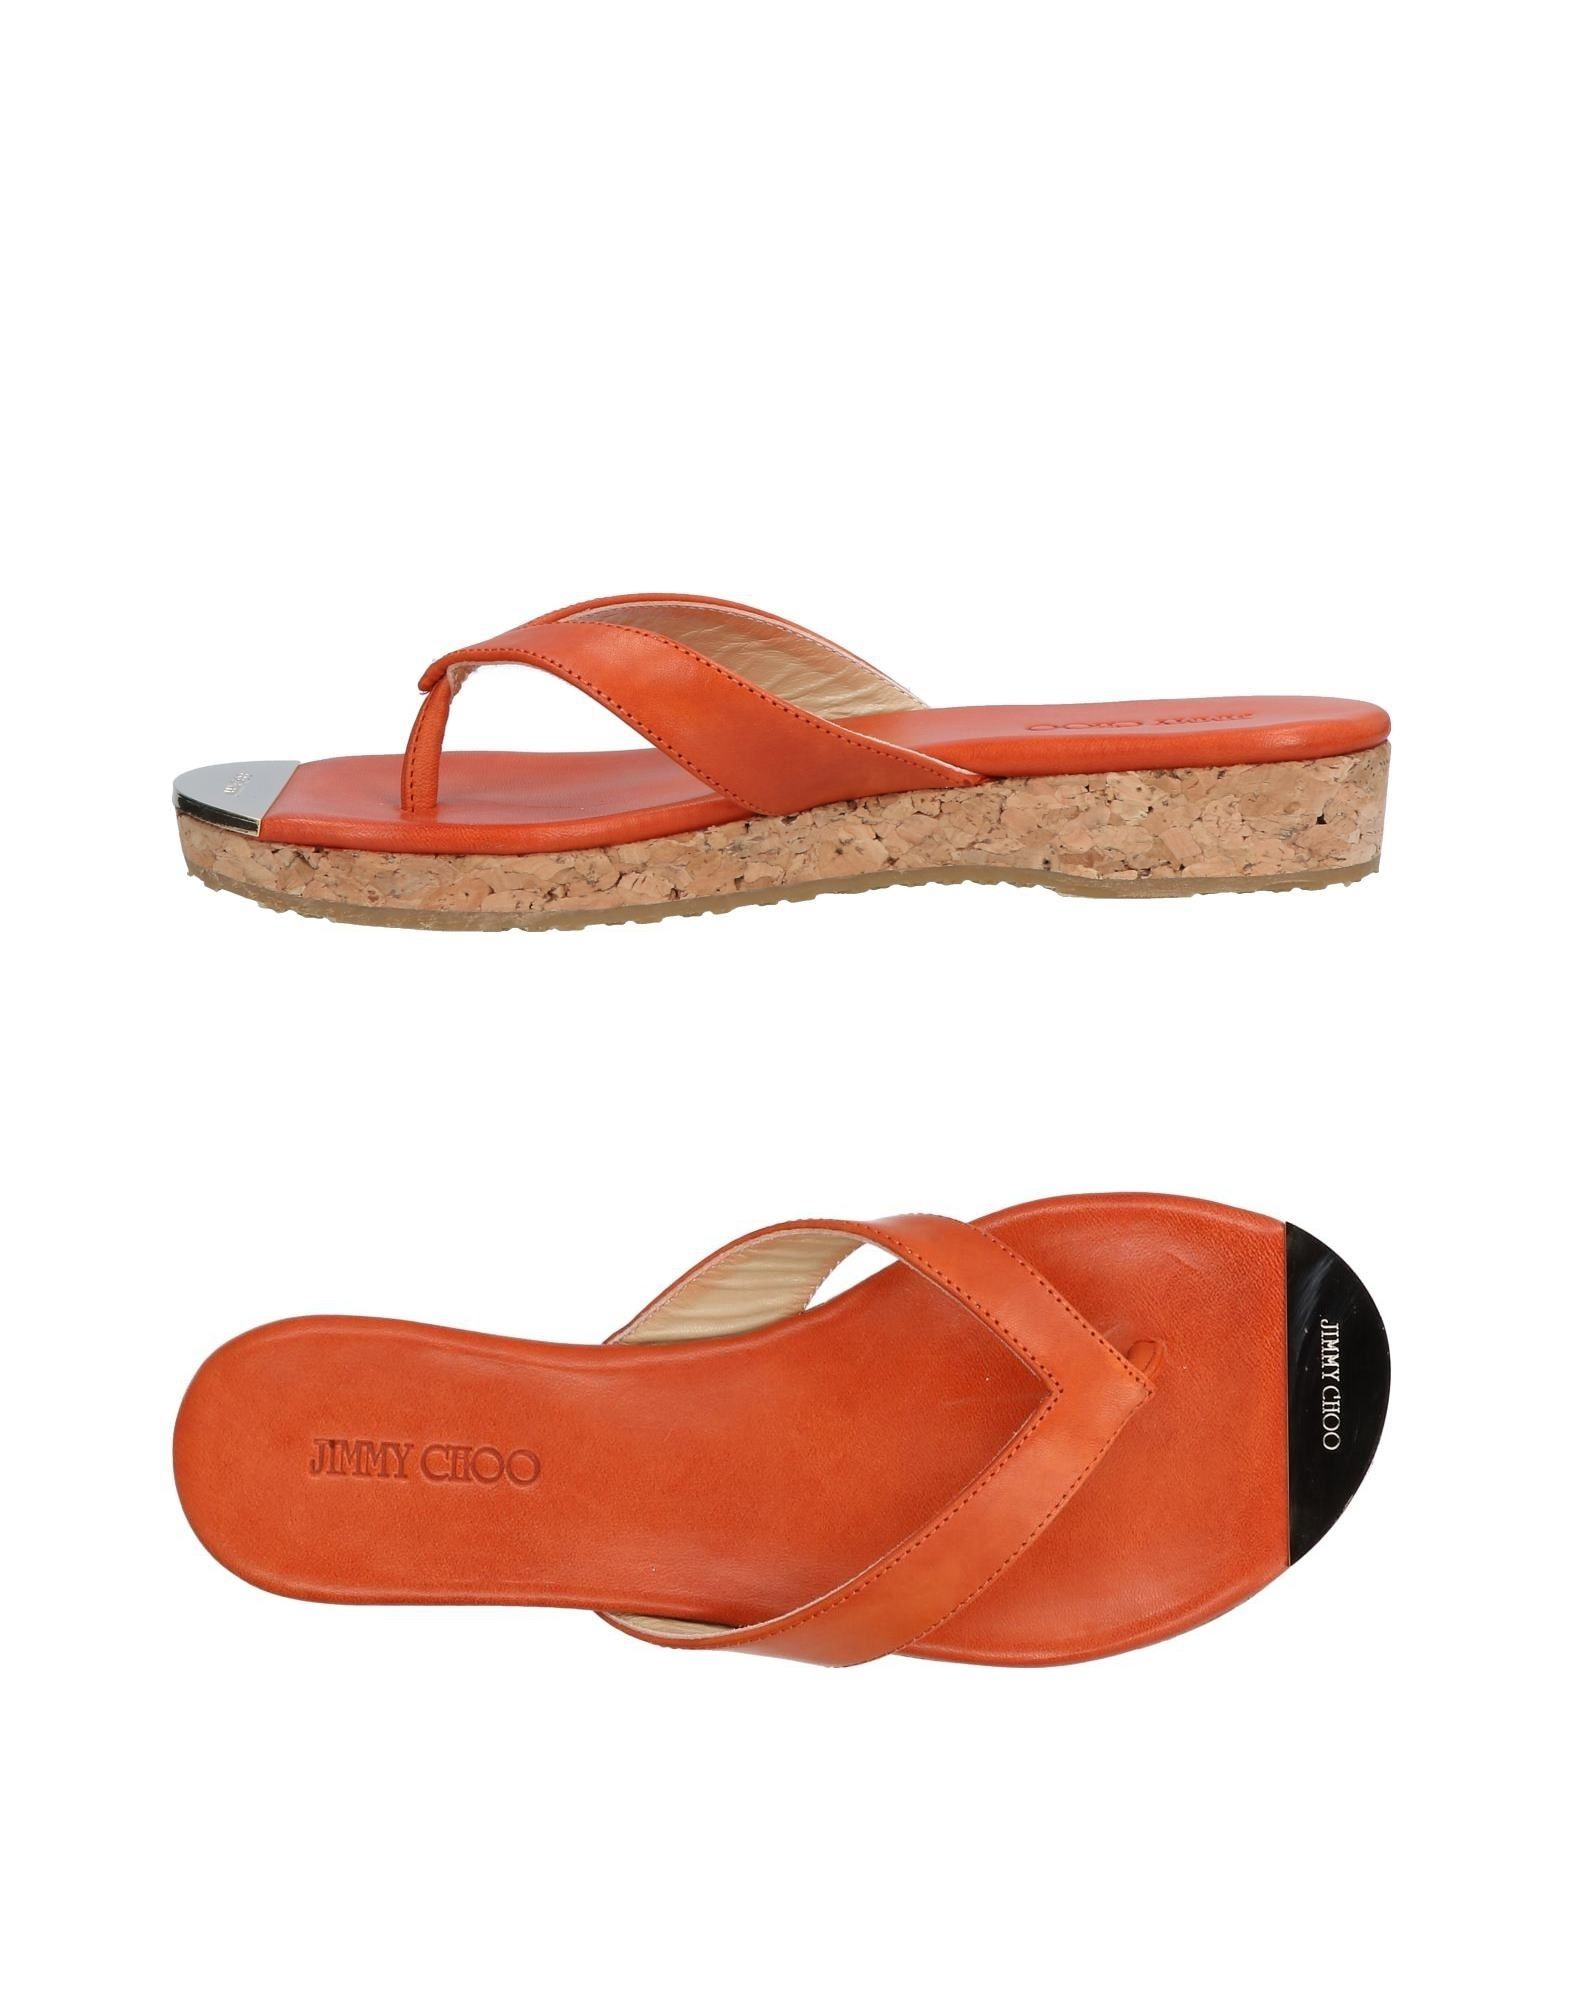 Jimmy Choo Flip Flops - Women online Jimmy Choo Flip Flops online Women on  Australia - 11478503CI 6059fd